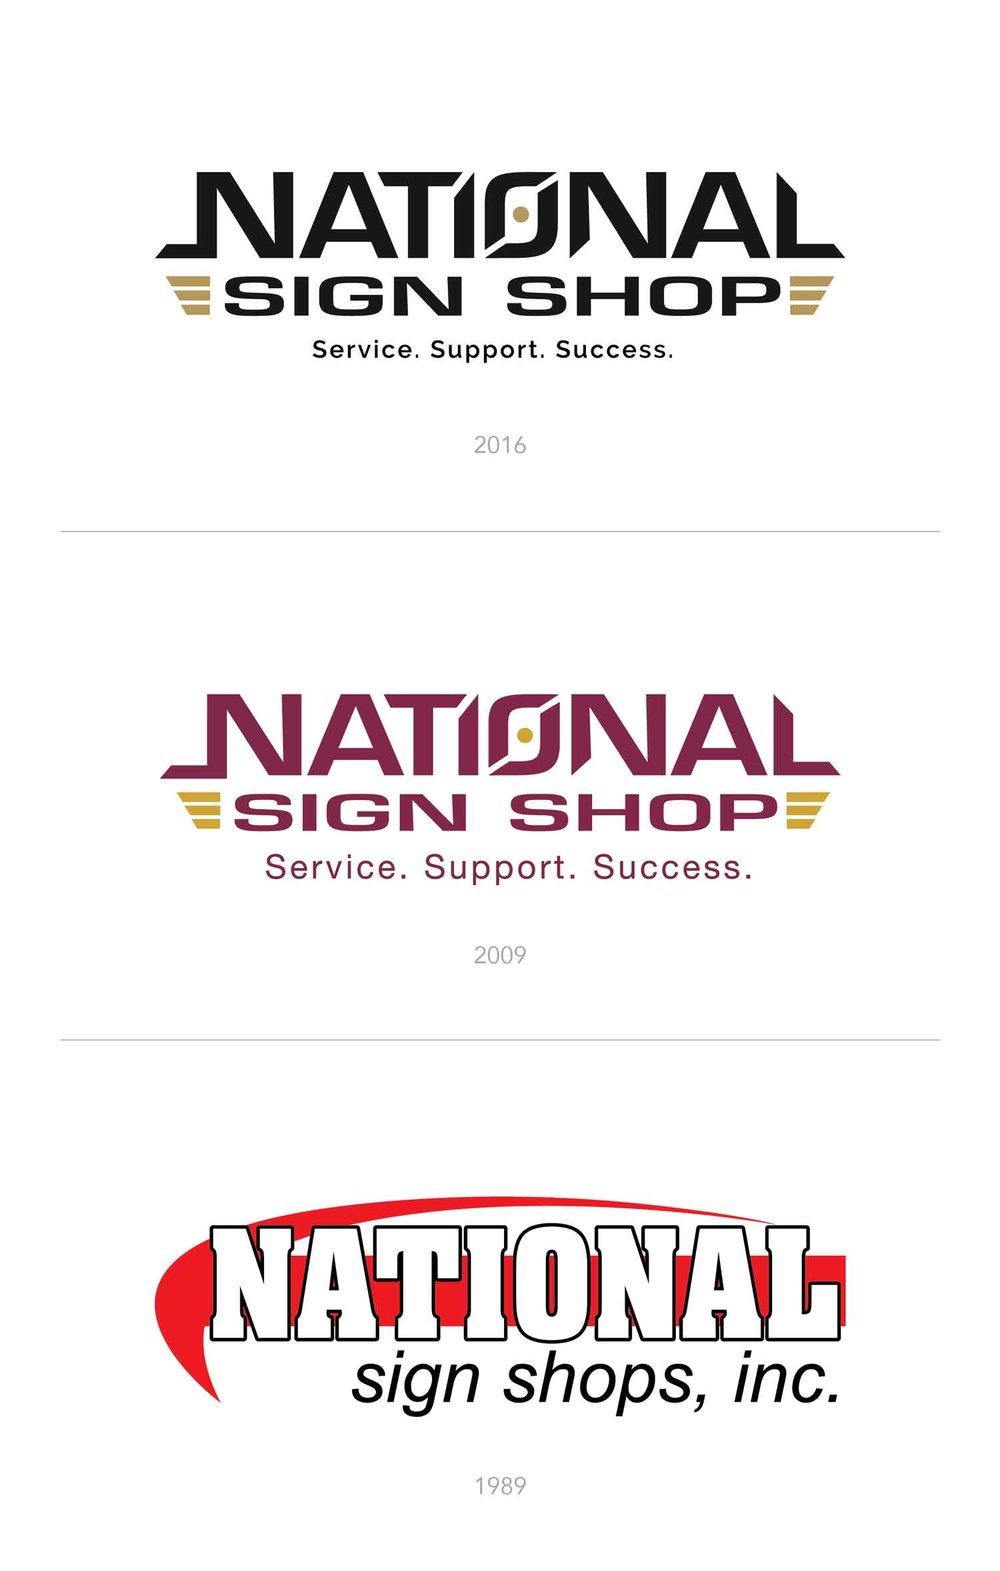 National Sign Shop Rebrand